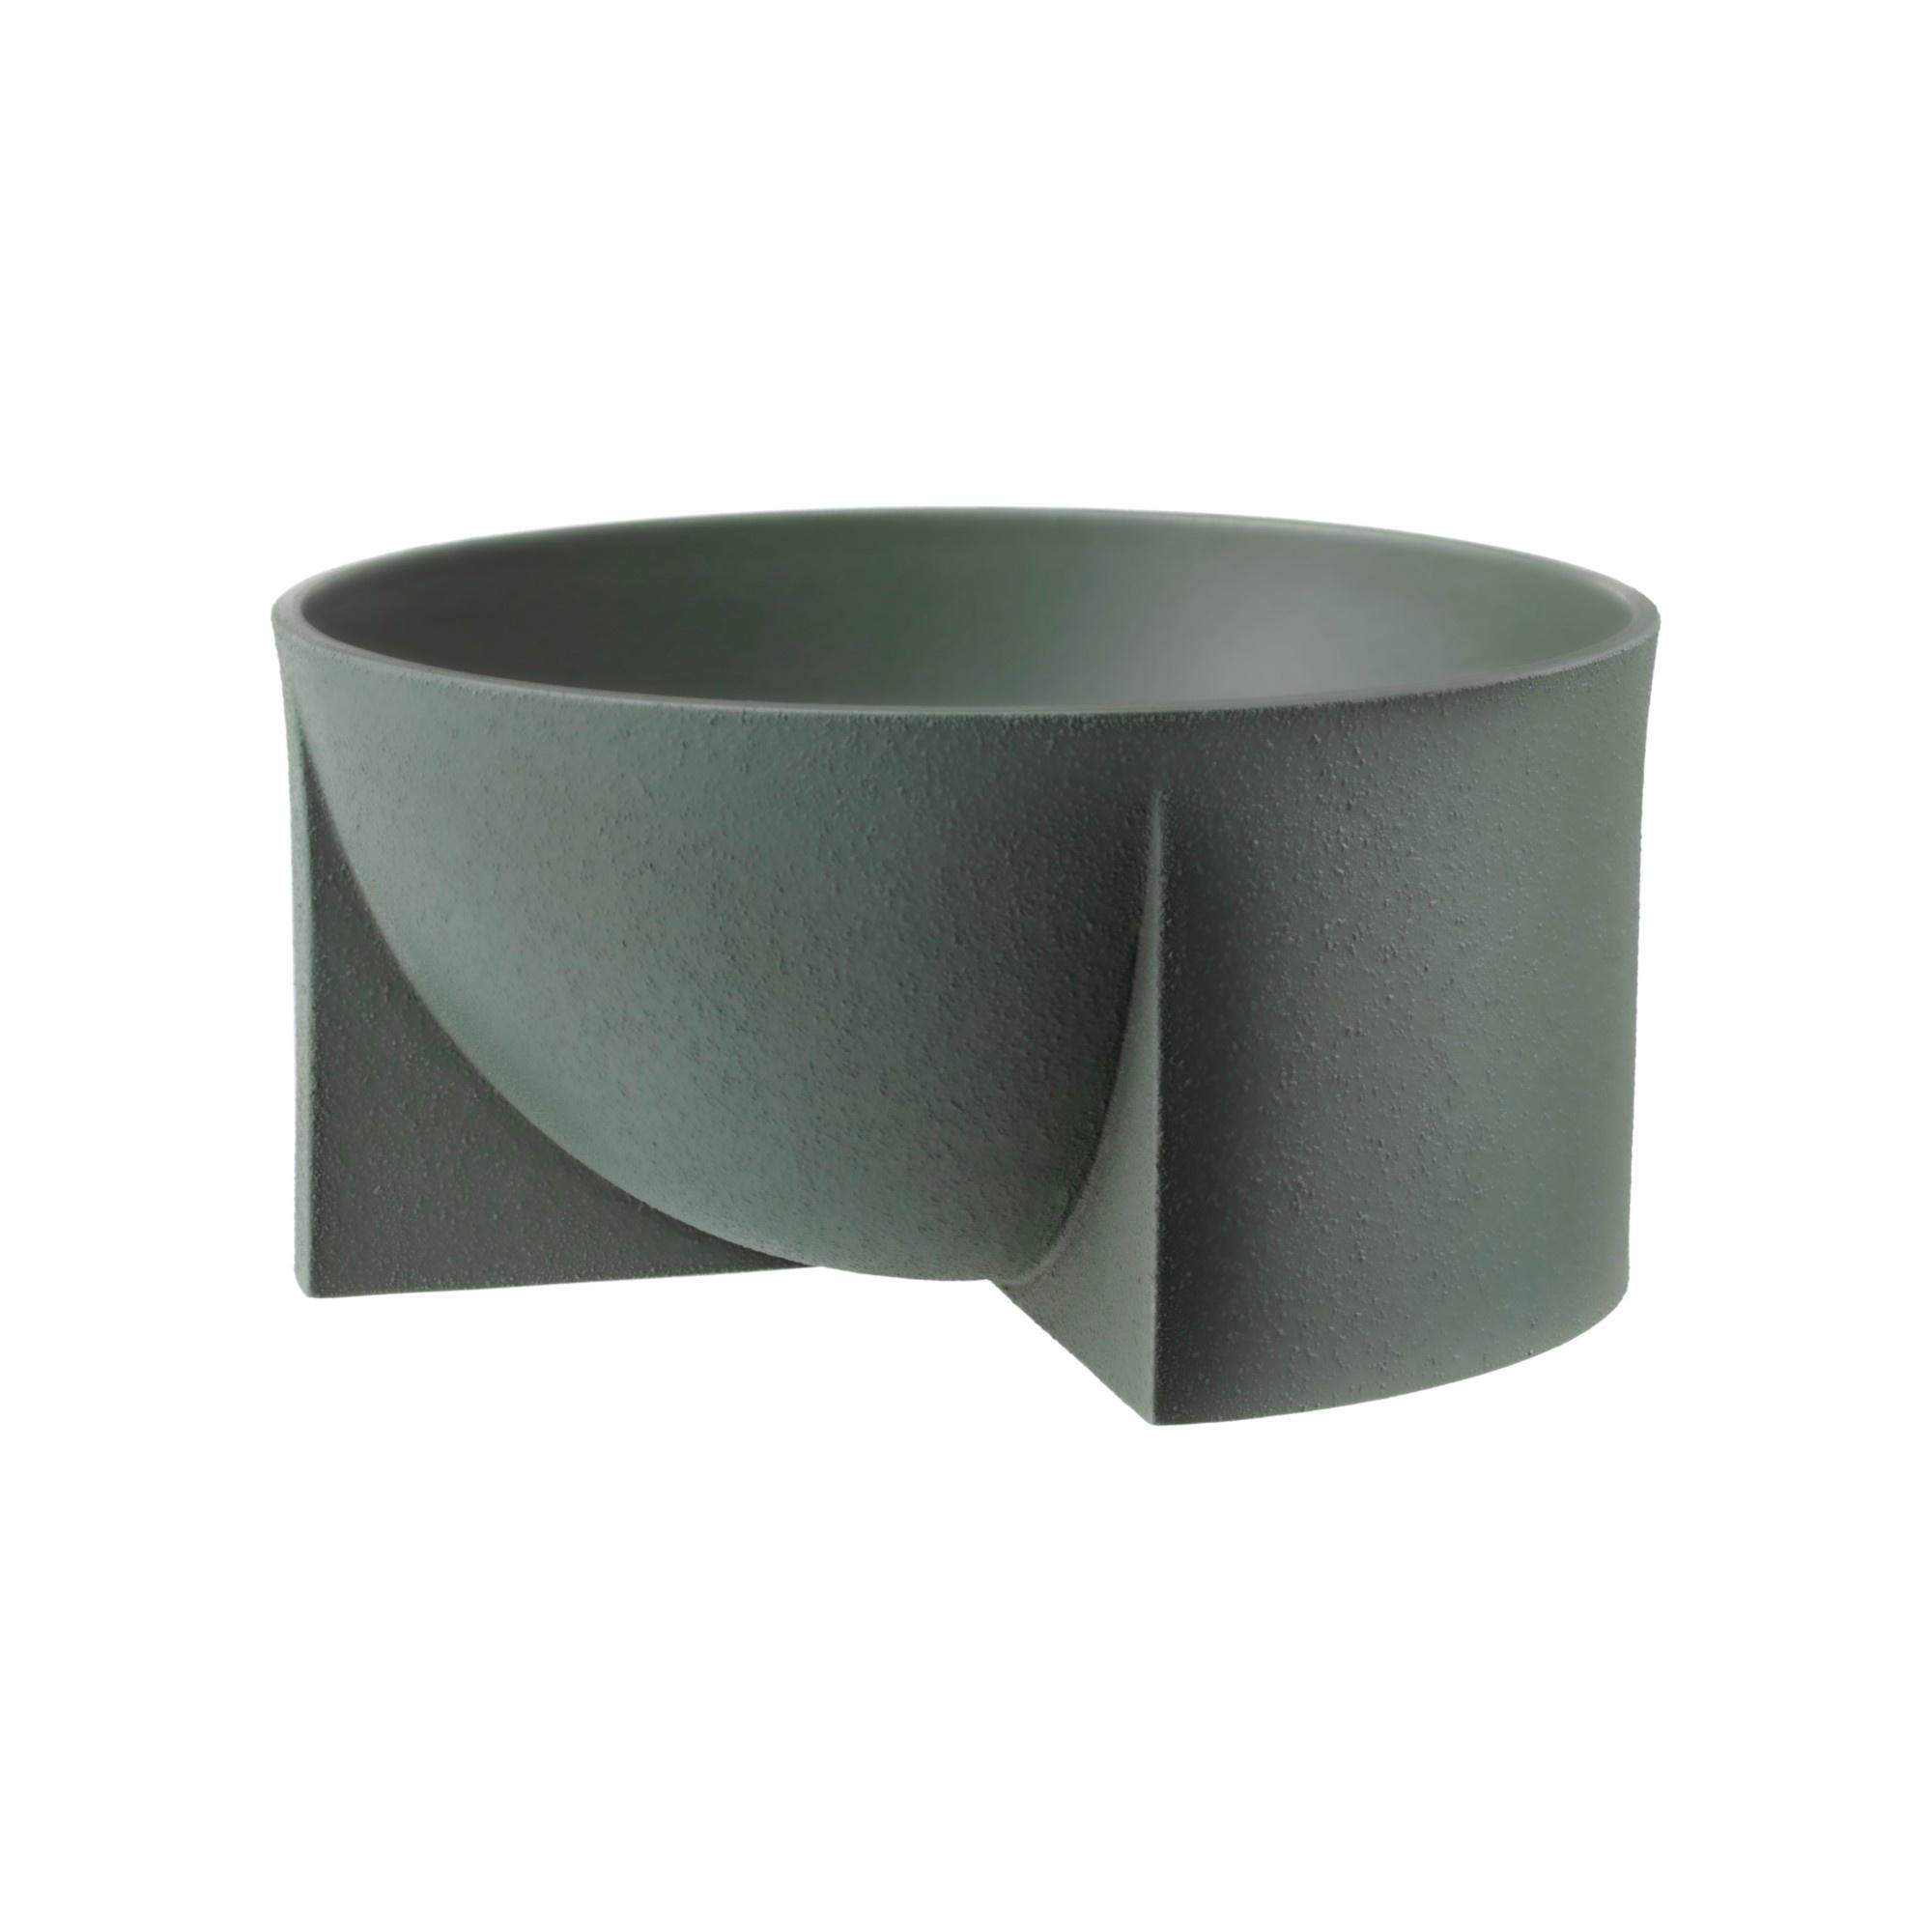 Kuru Ceramic Bowl-2